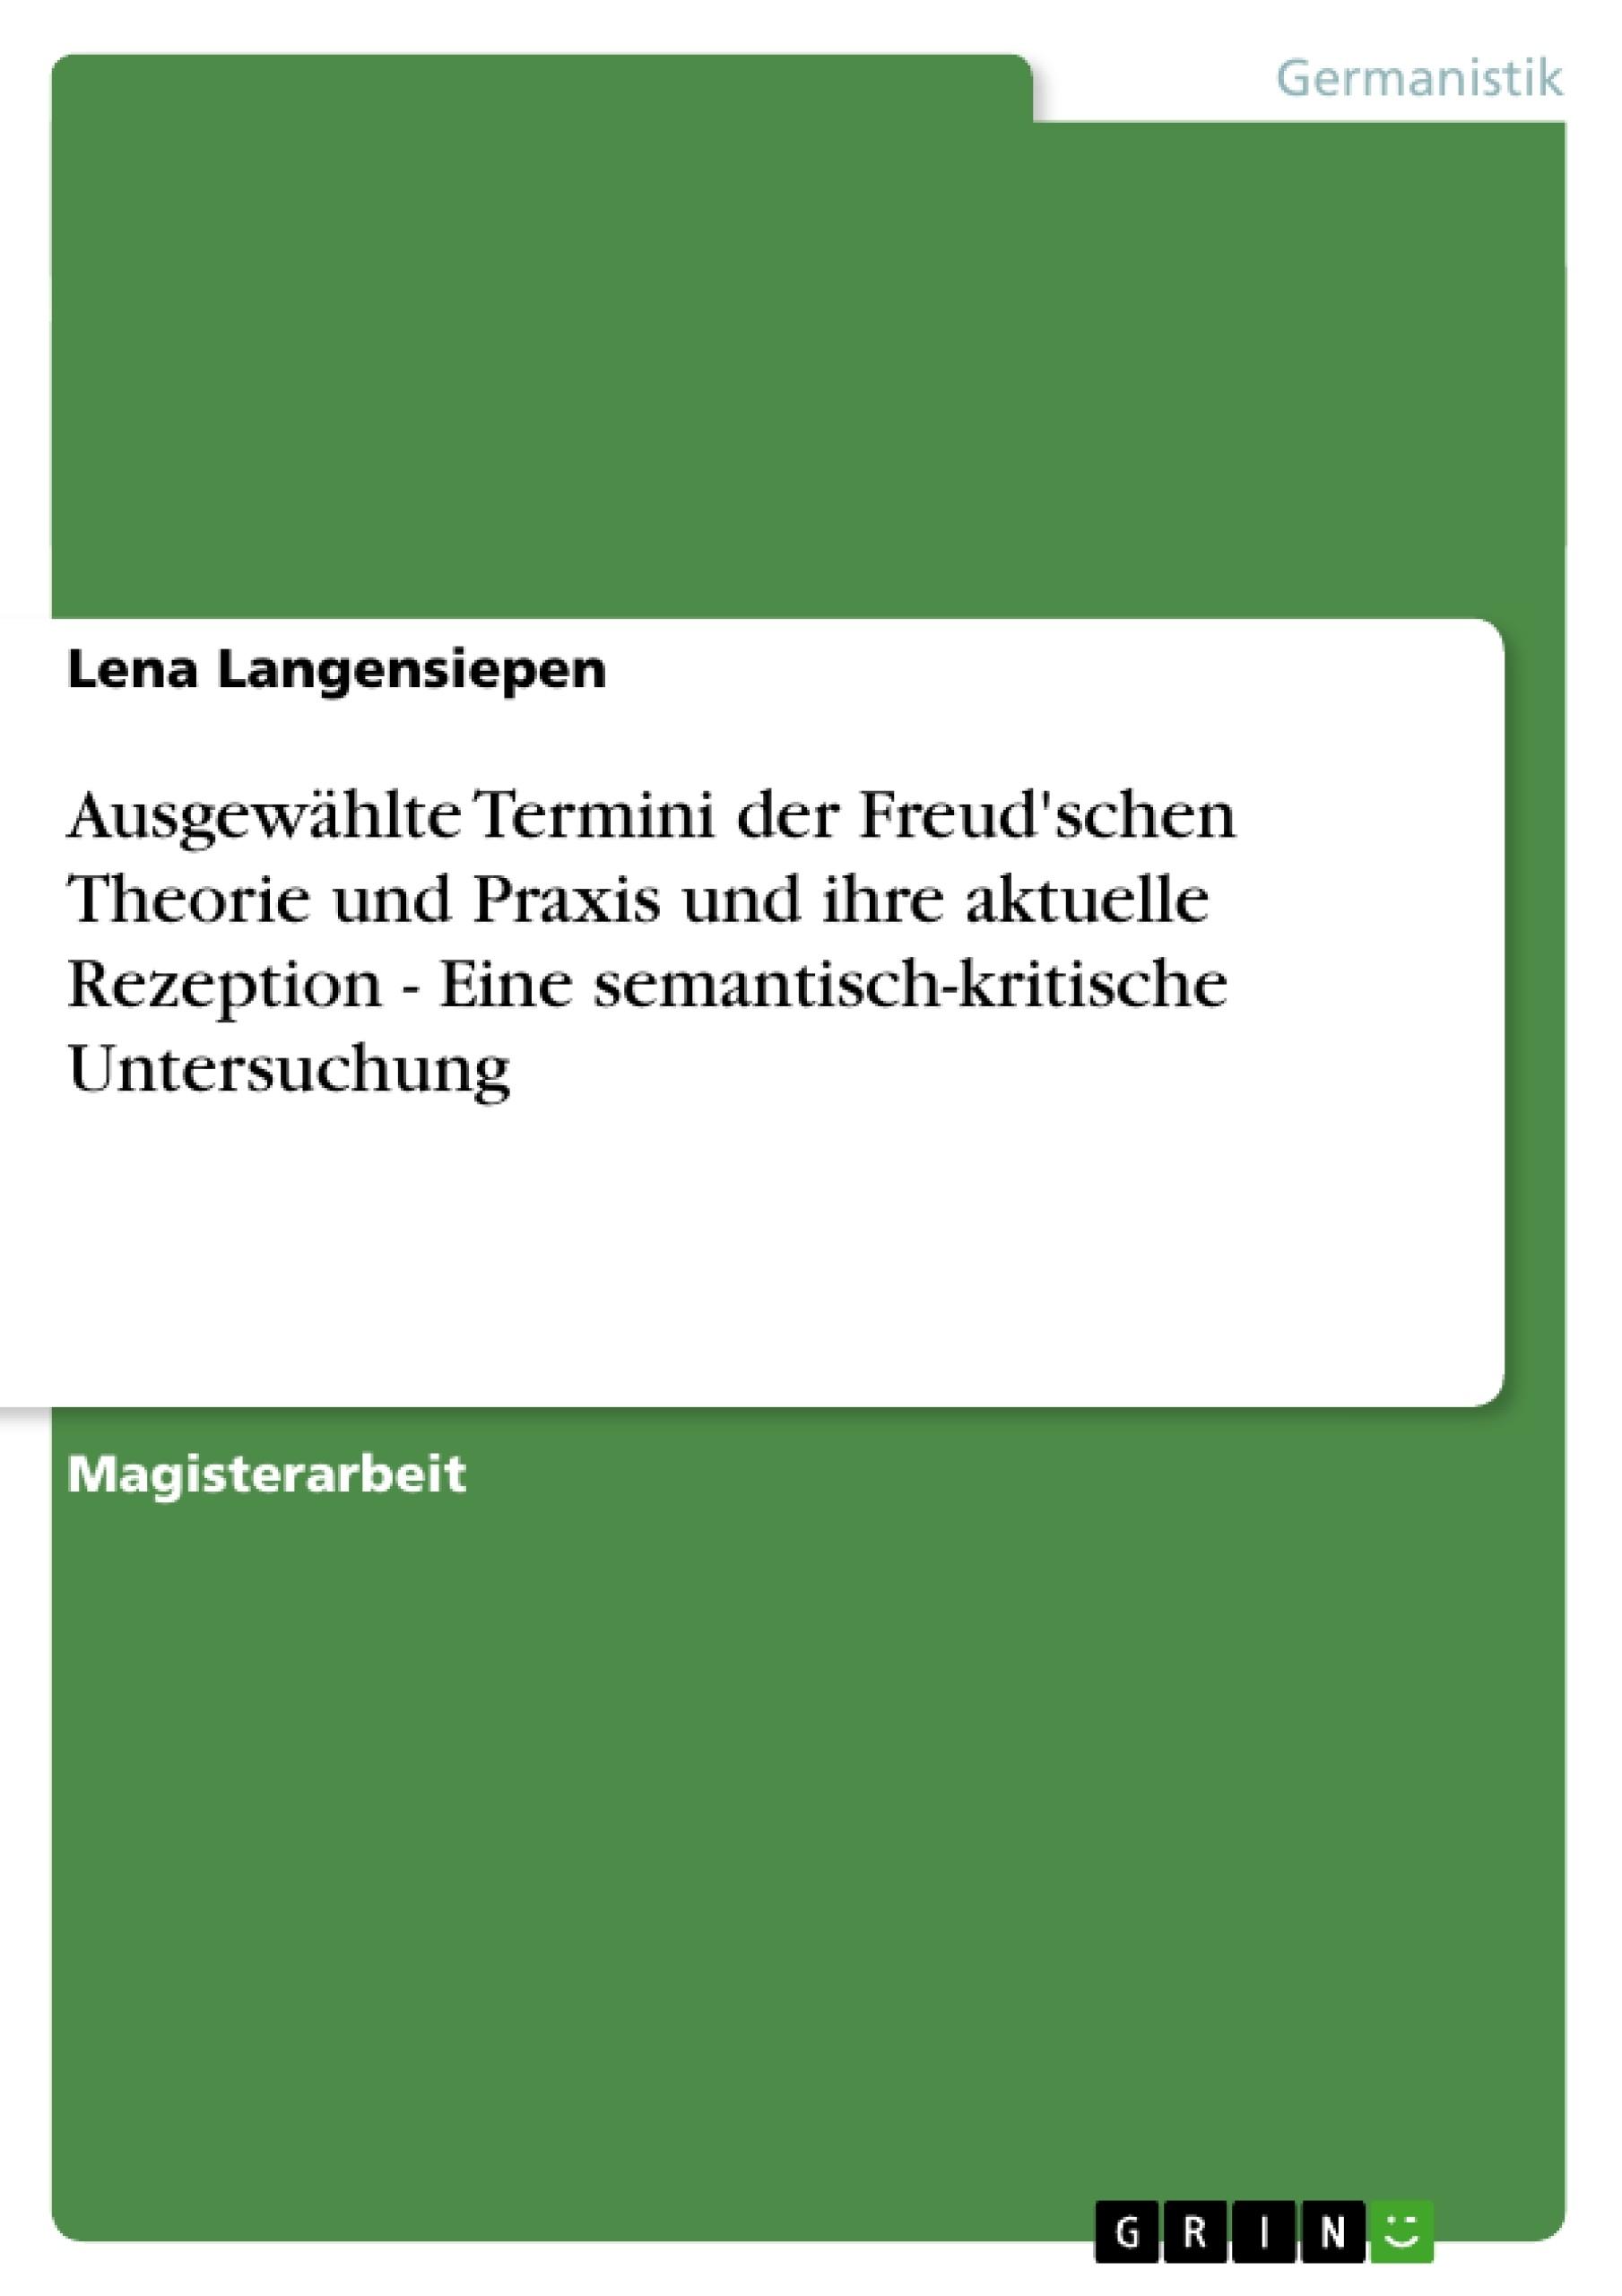 Titel: Ausgewählte Termini der Freud'schen Theorie und Praxis und ihre aktuelle Rezeption - Eine semantisch-kritische Untersuchung